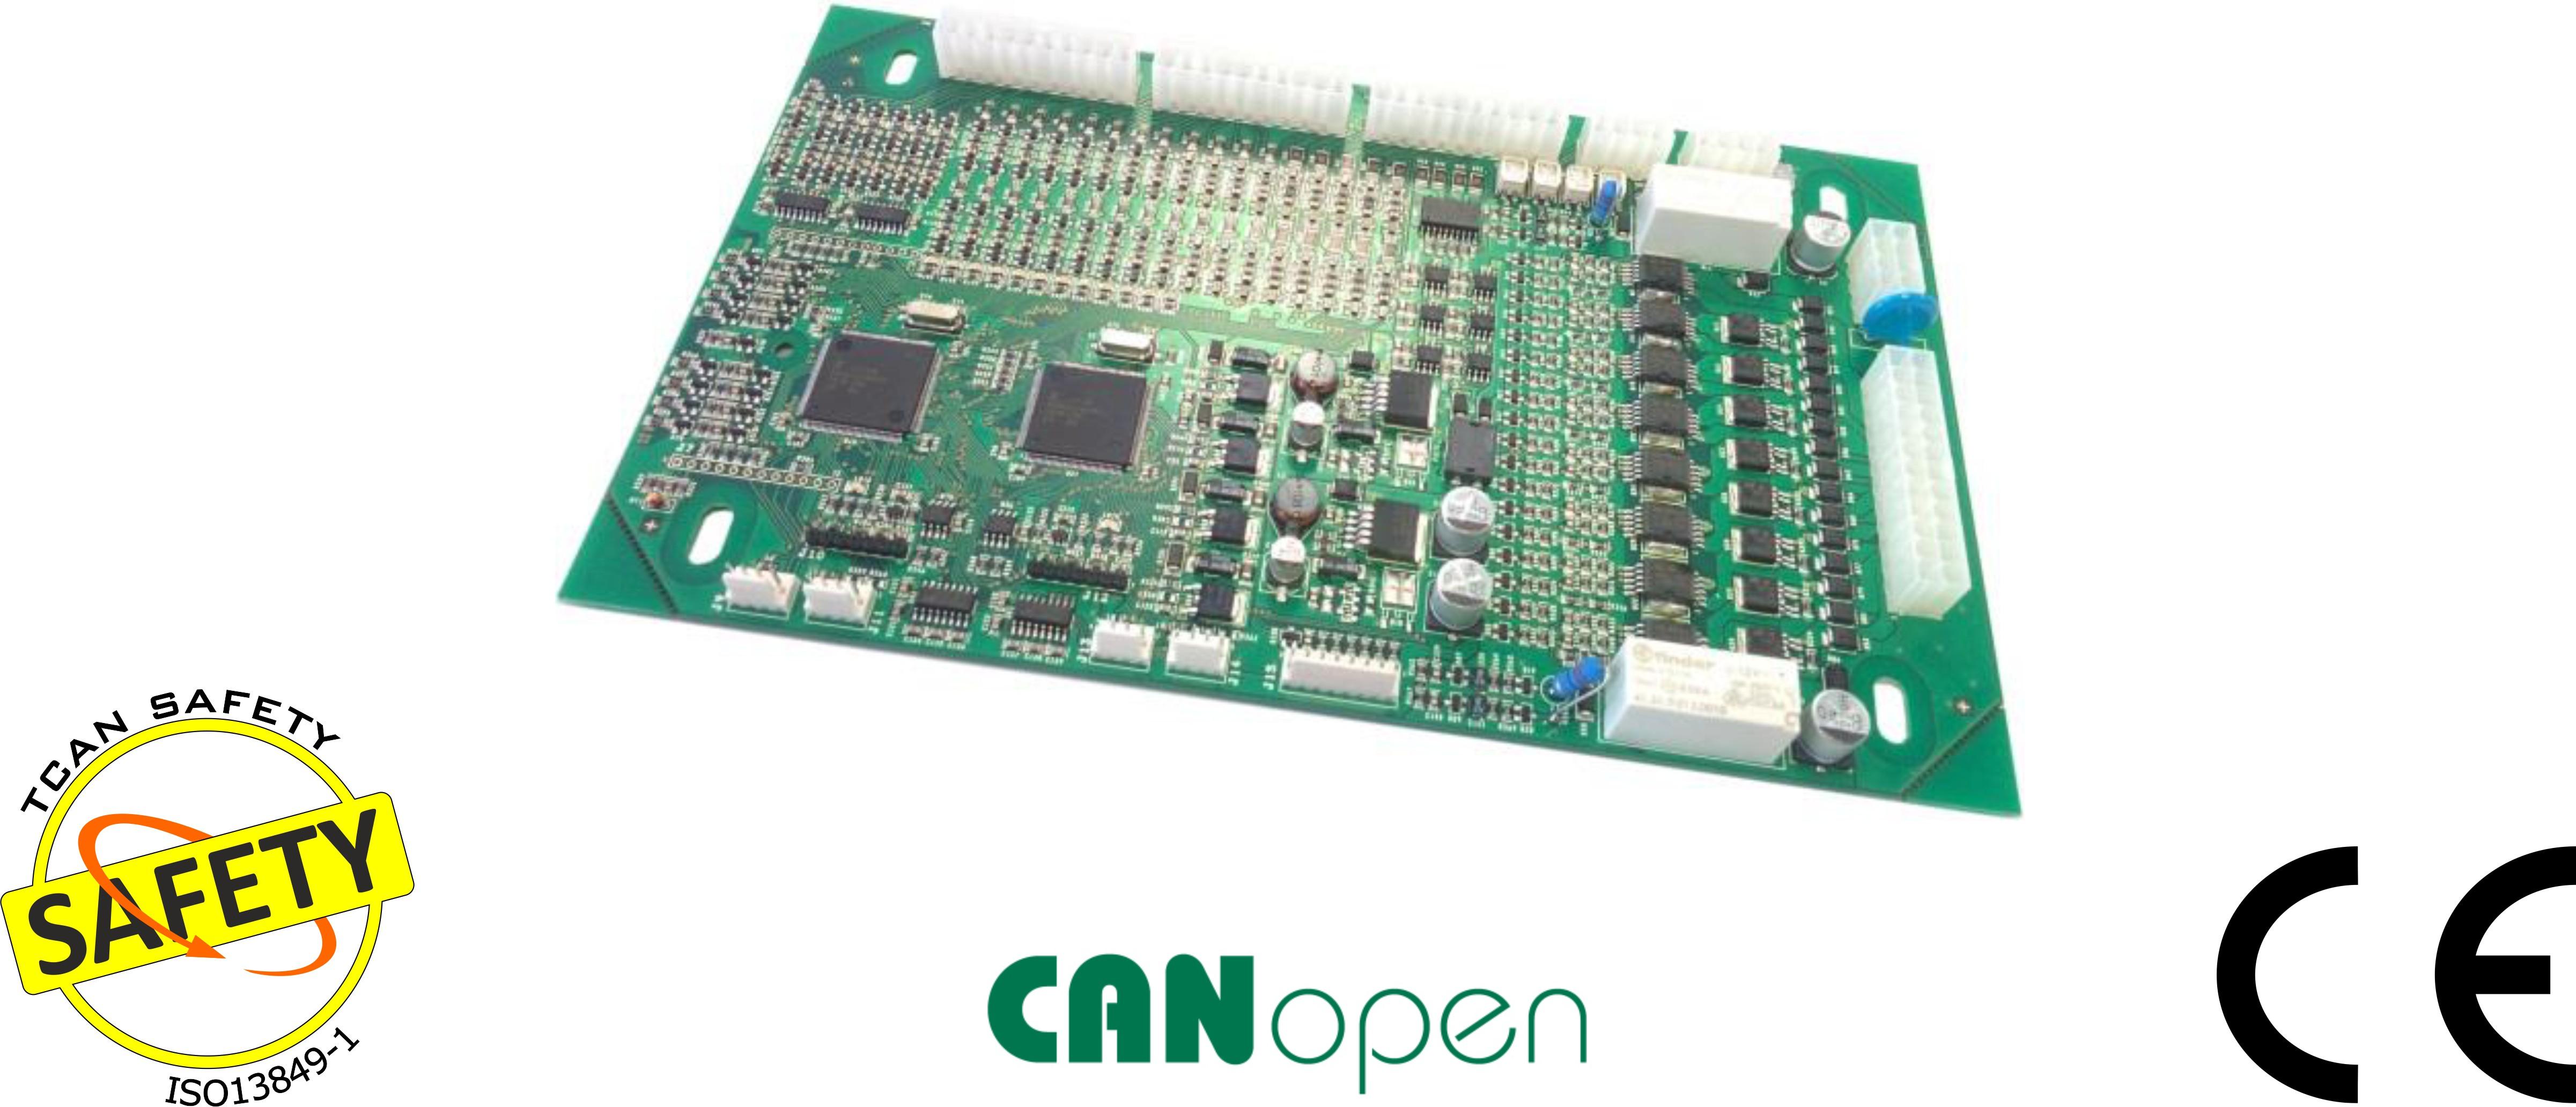 TCAN-MU2S Image